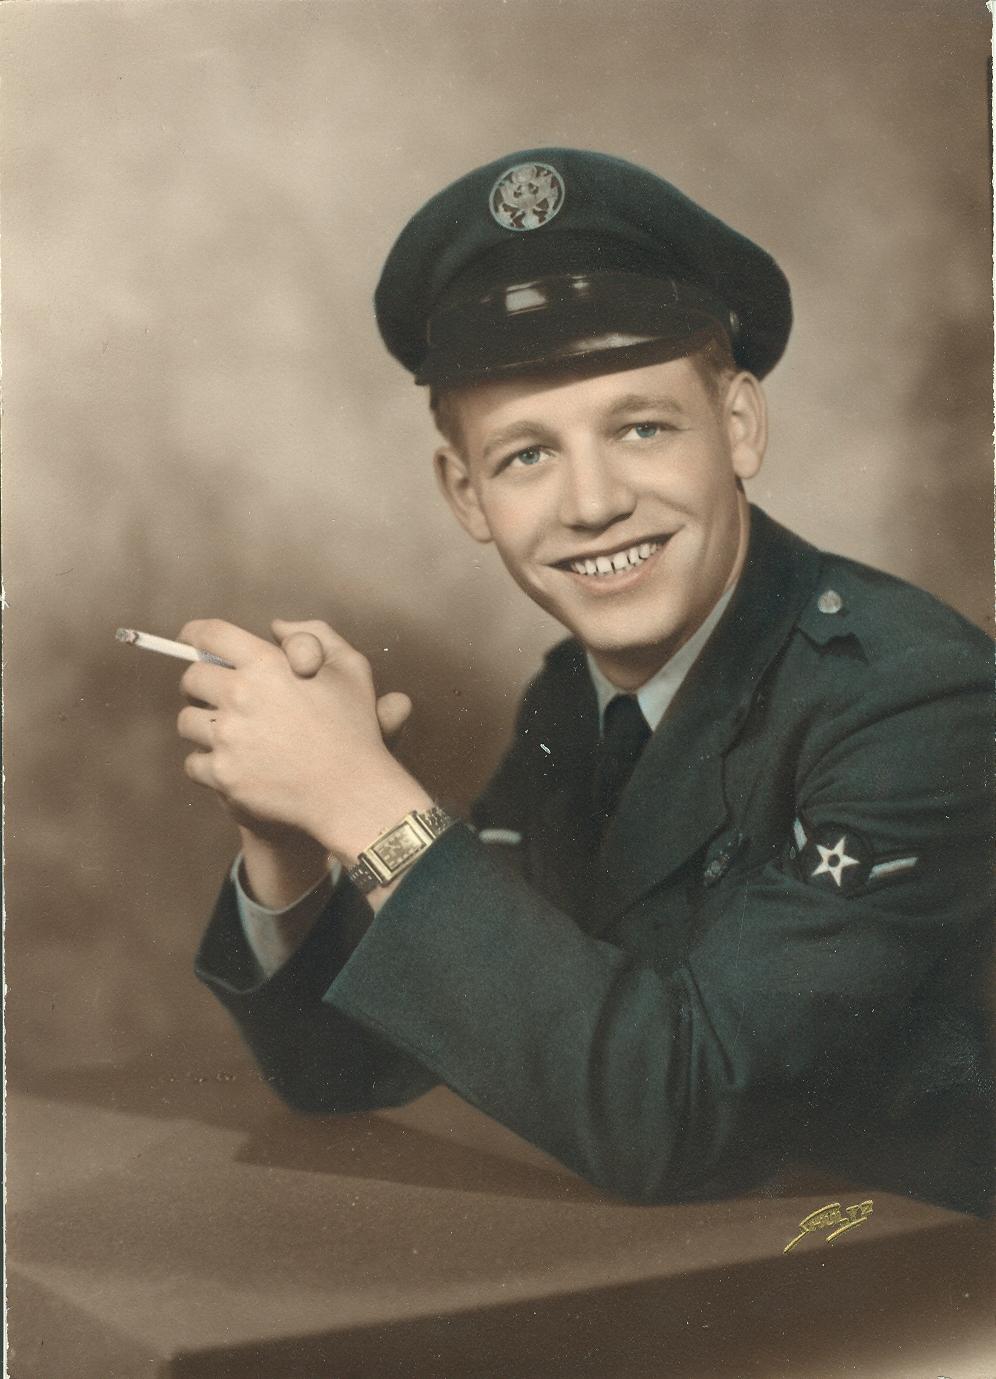 Robert Wayne Whitaker